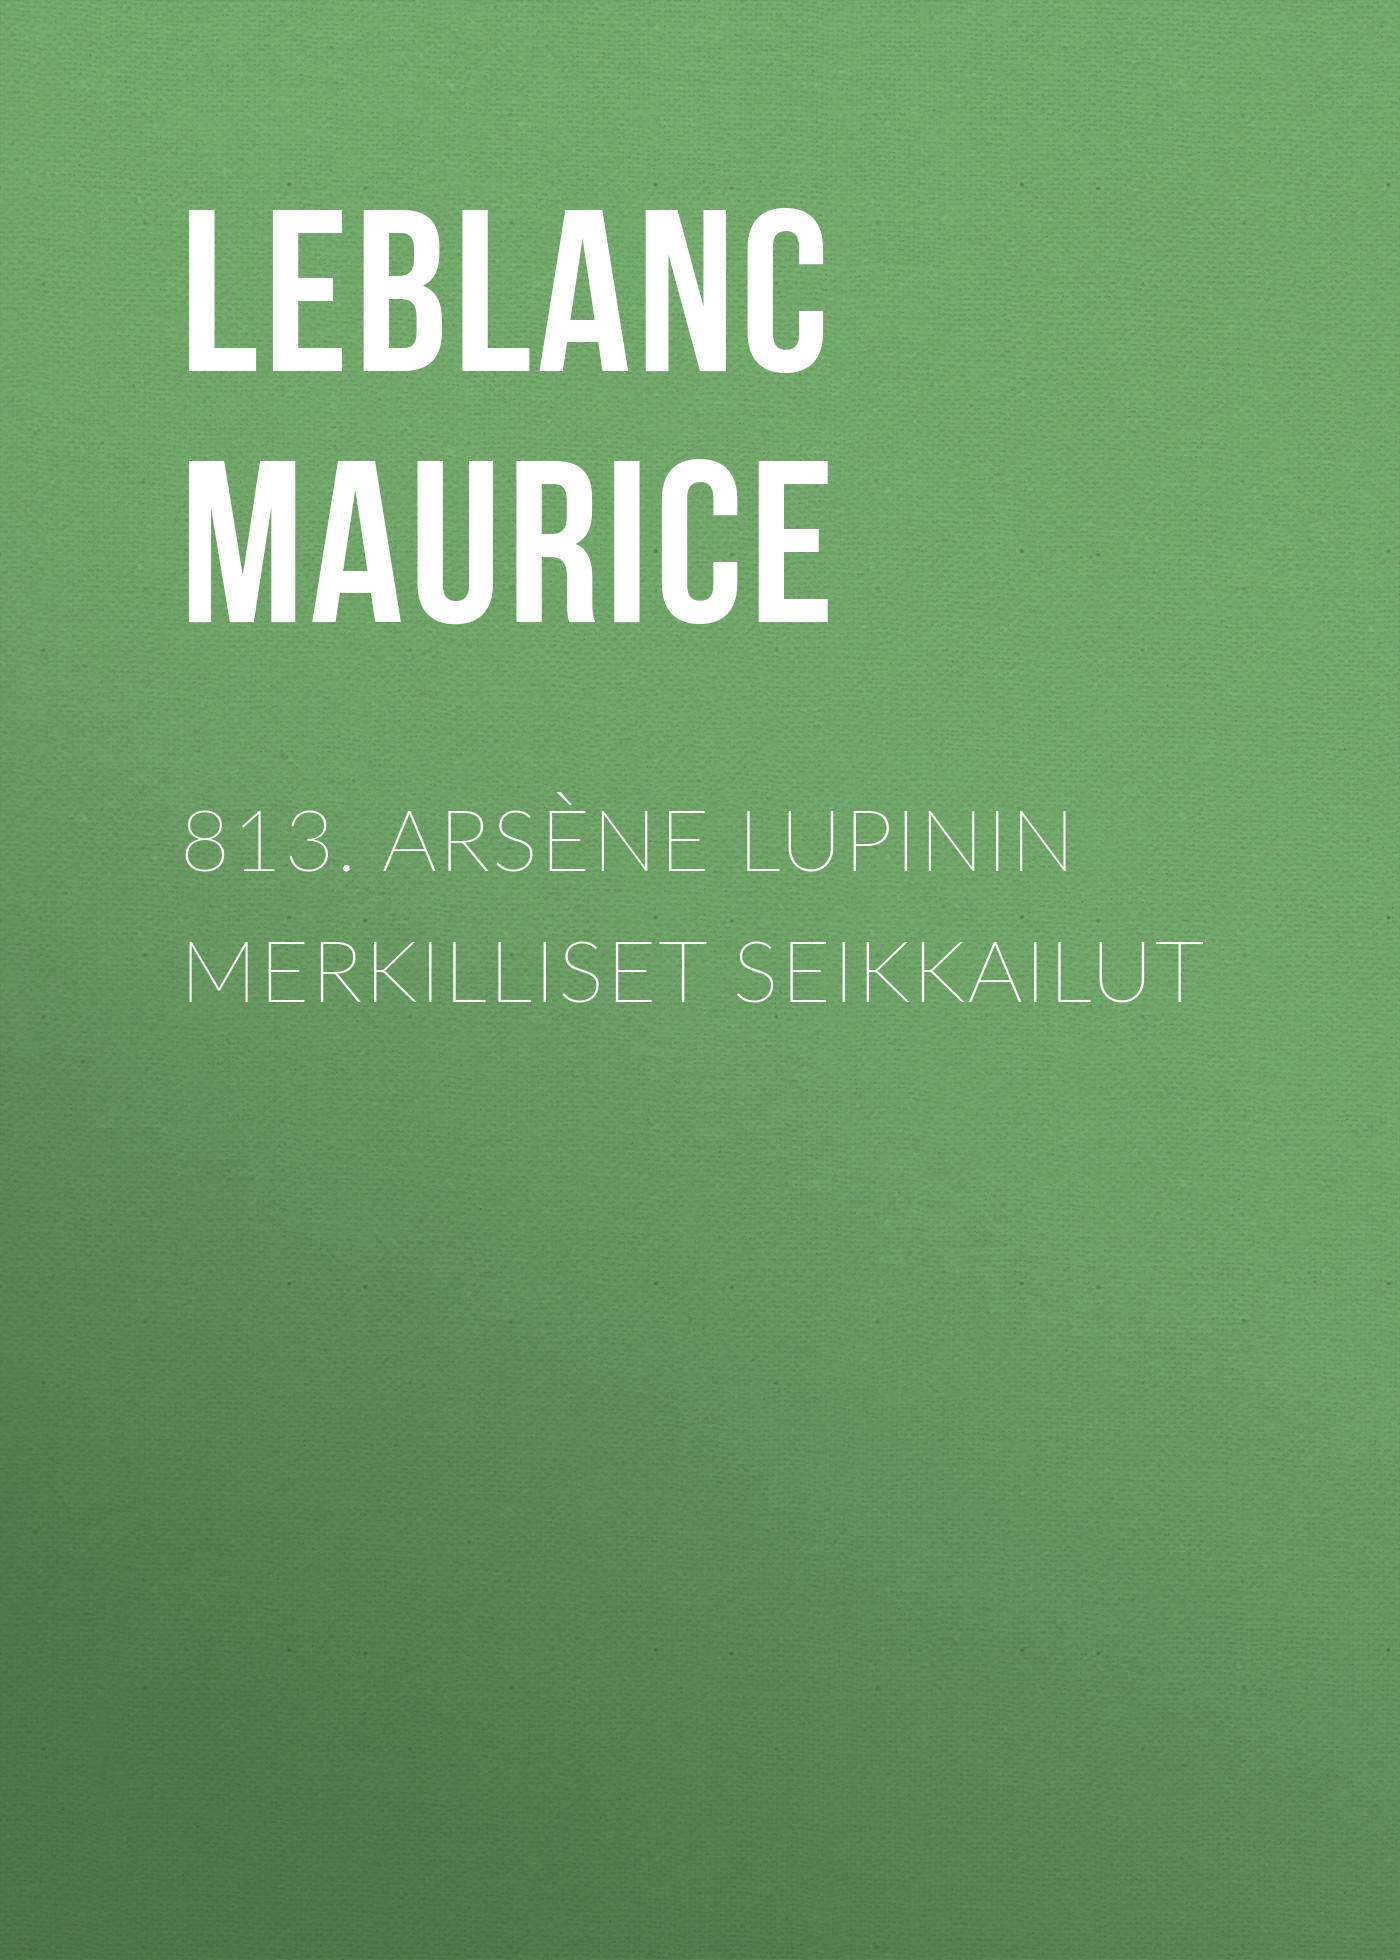 Leblanc Maurice 813. Arsène Lupinin merkilliset seikkailut leblanc maurice the teeth of the tiger